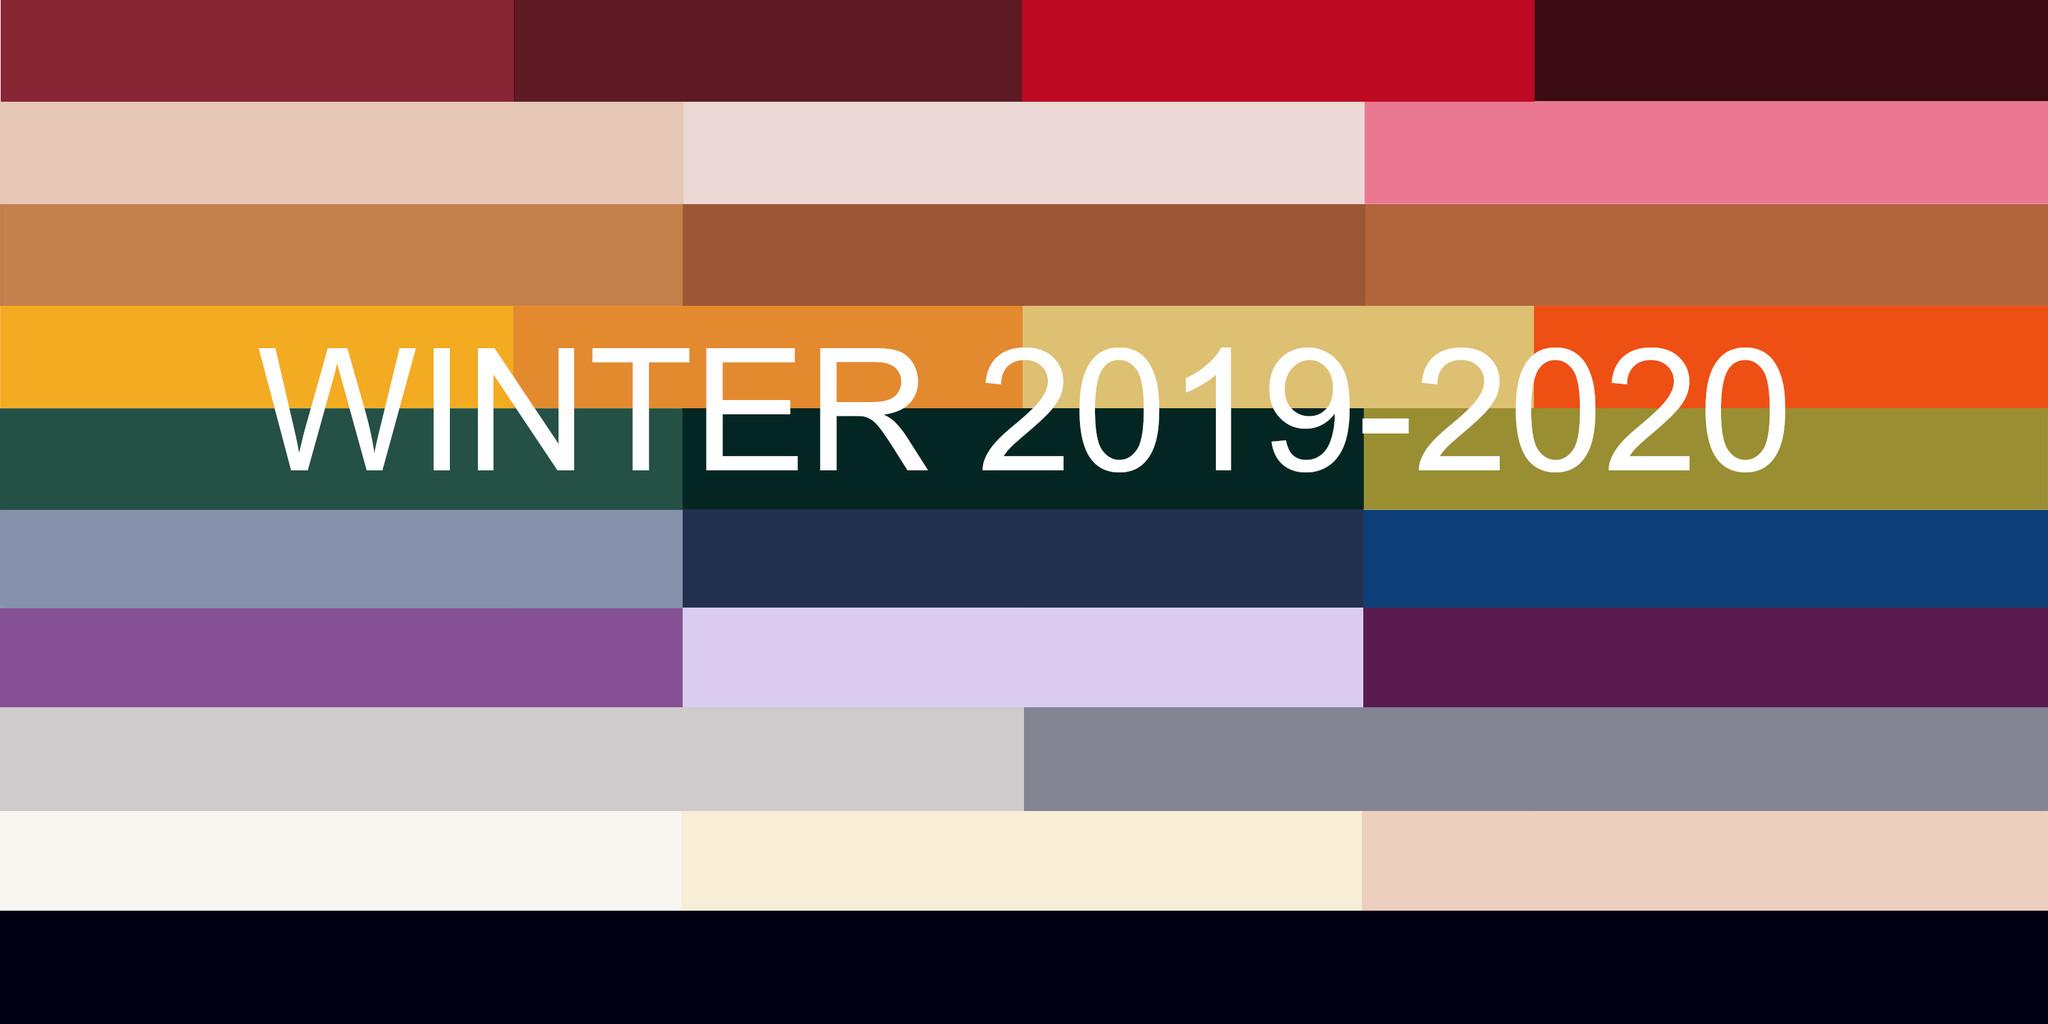 Top 10 modekleuren winter 2019-2020